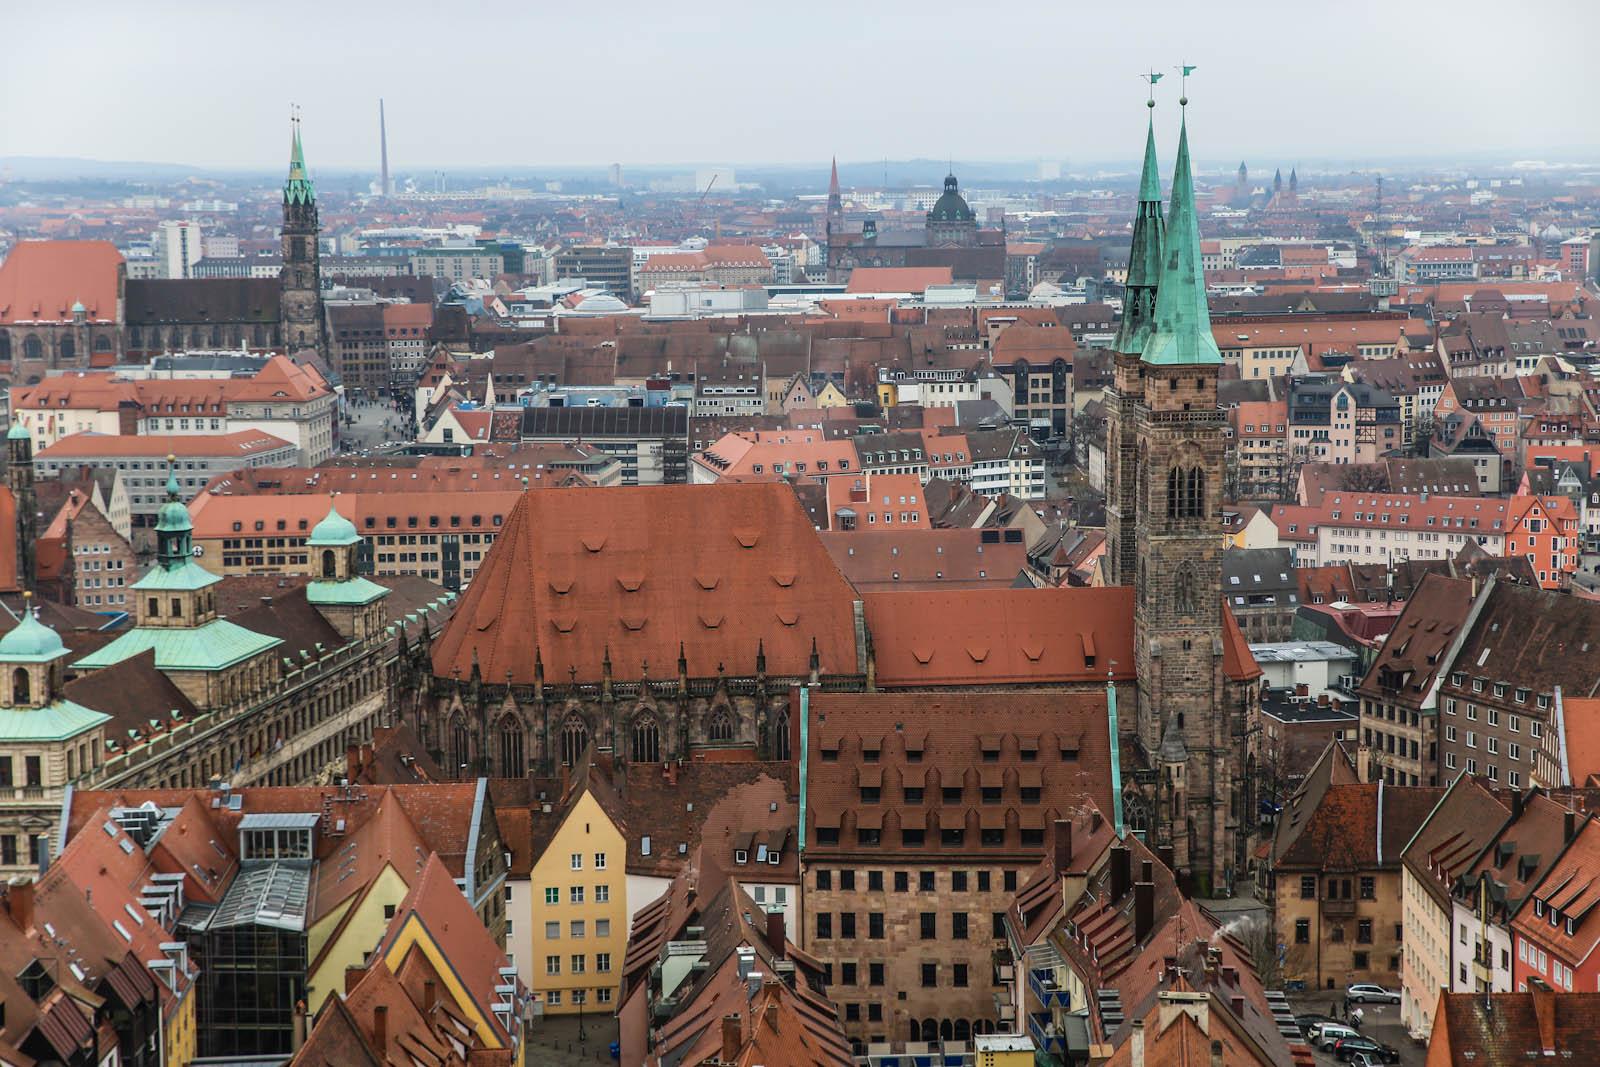 Центр города Нюрнберг